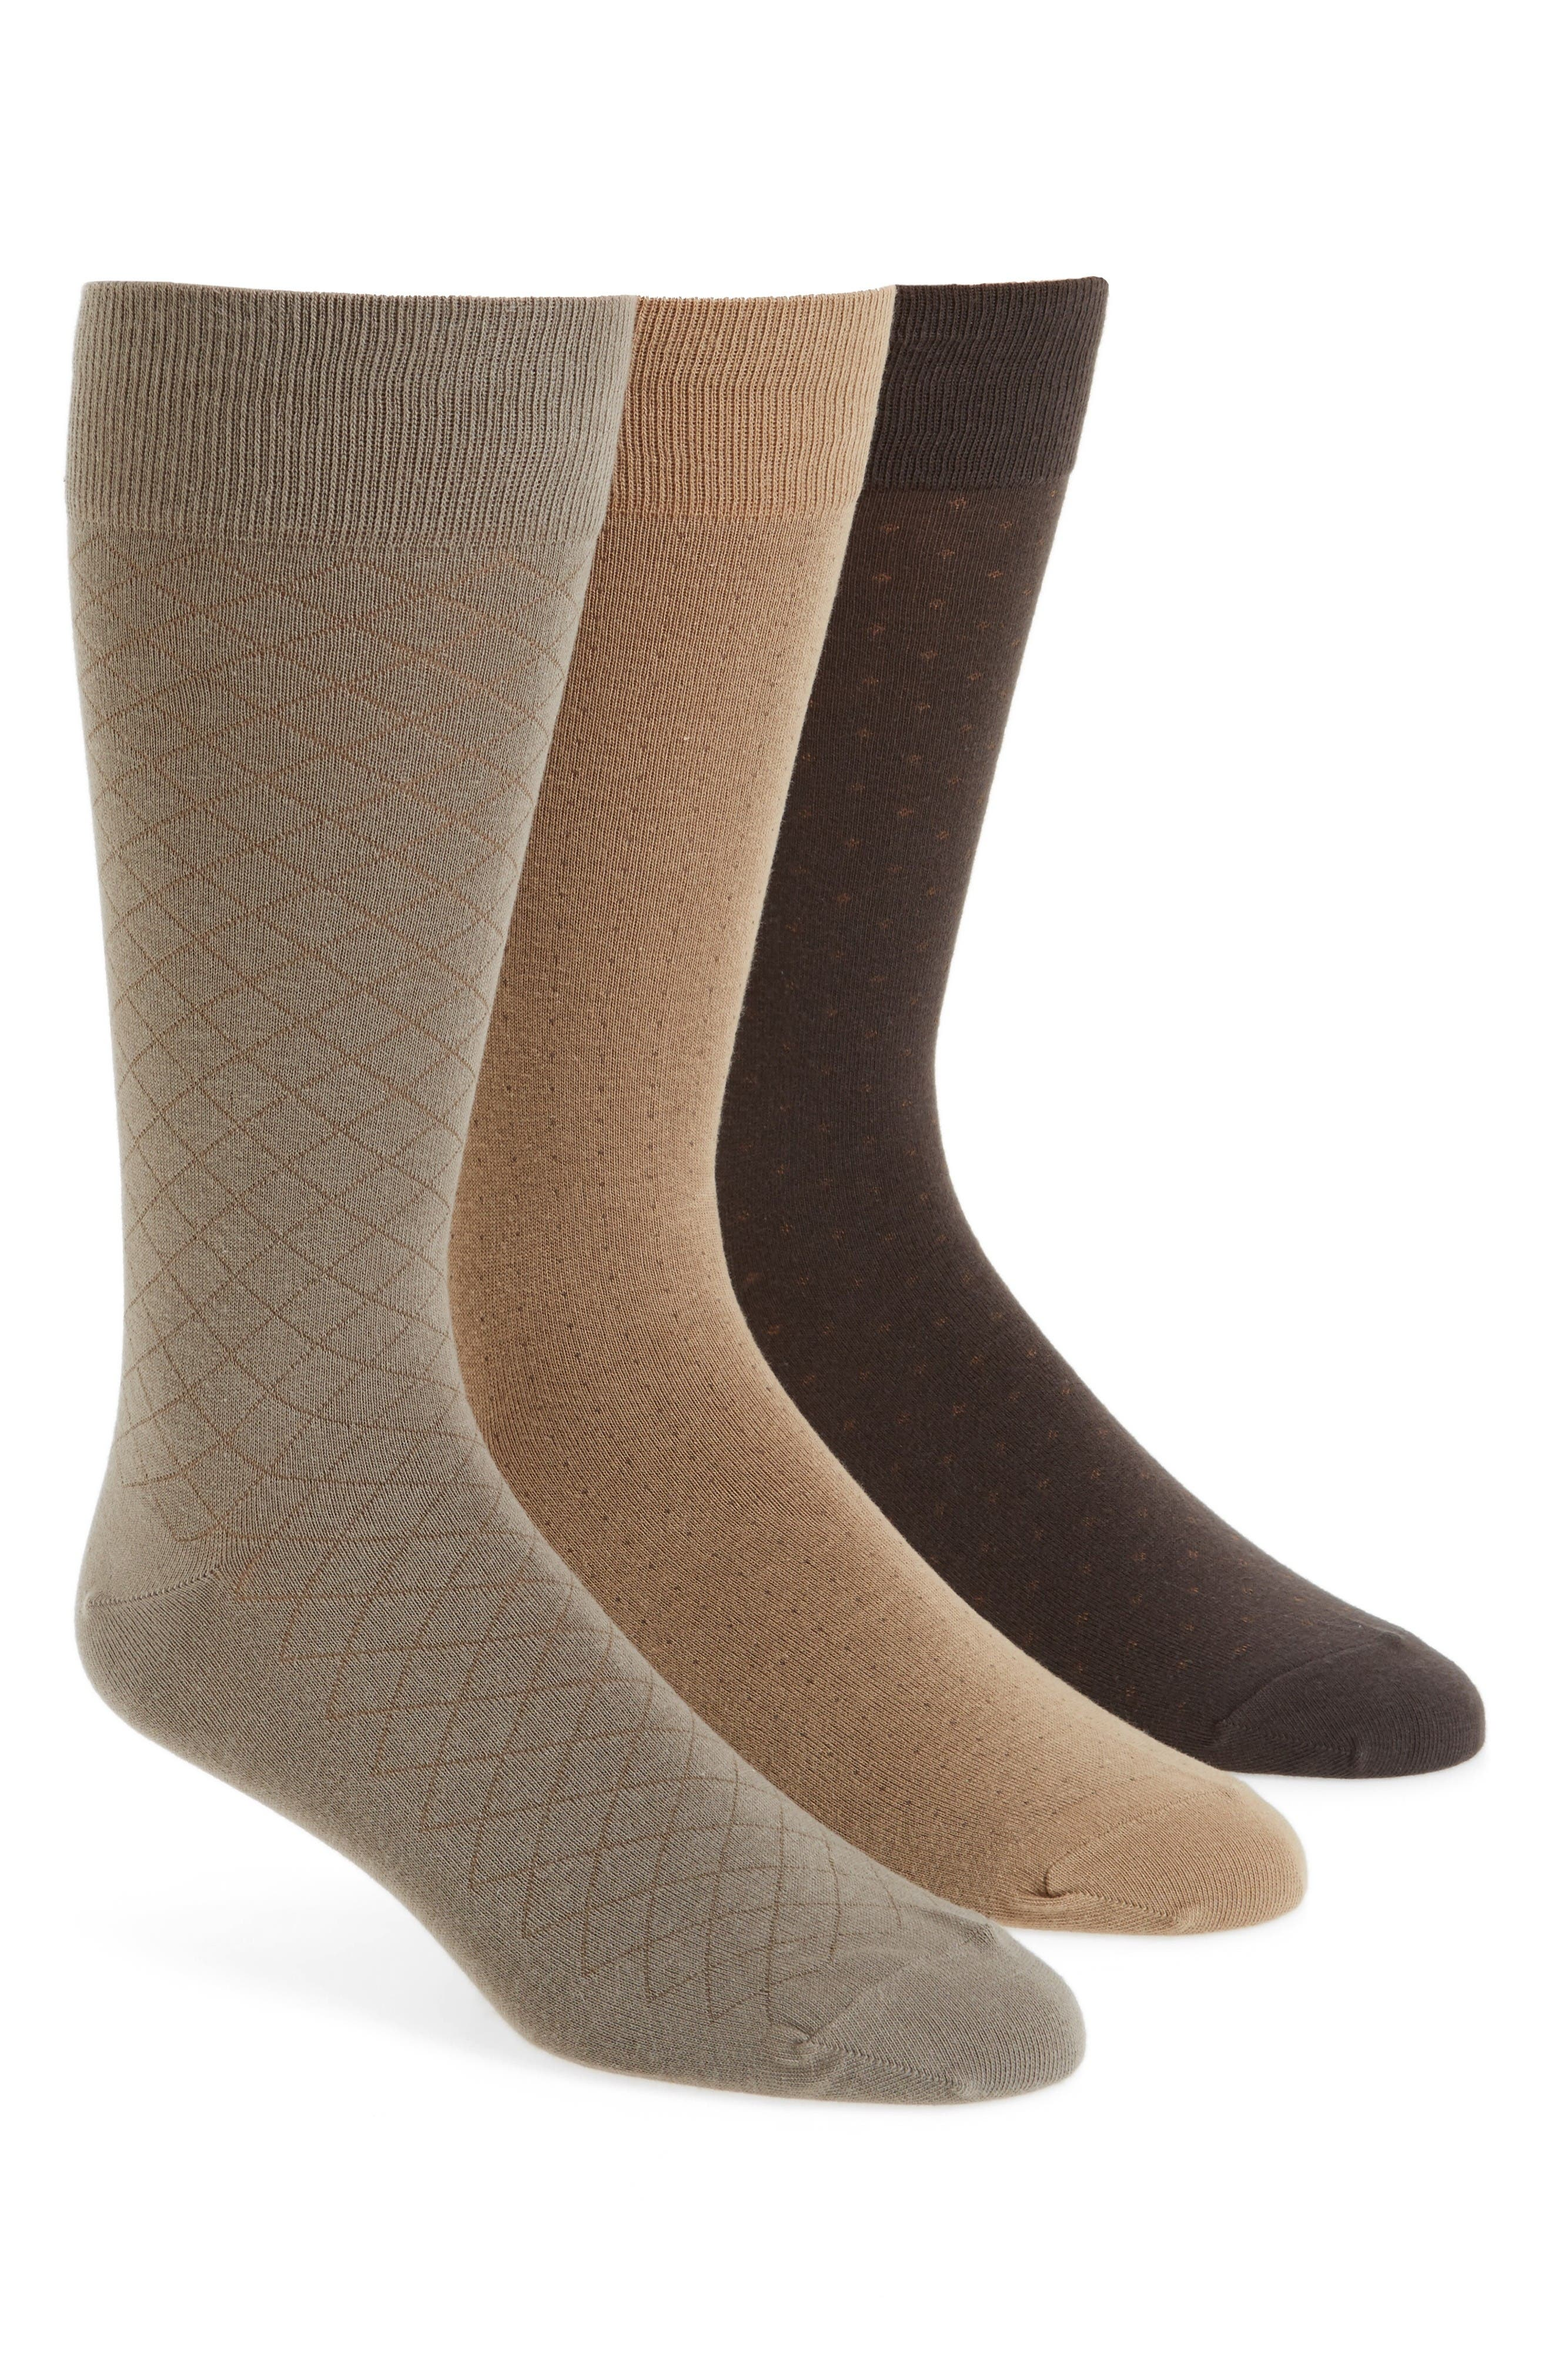 Alternate Image 1 Selected - Polo Ralph Lauren Dress Socks (3-Pack)